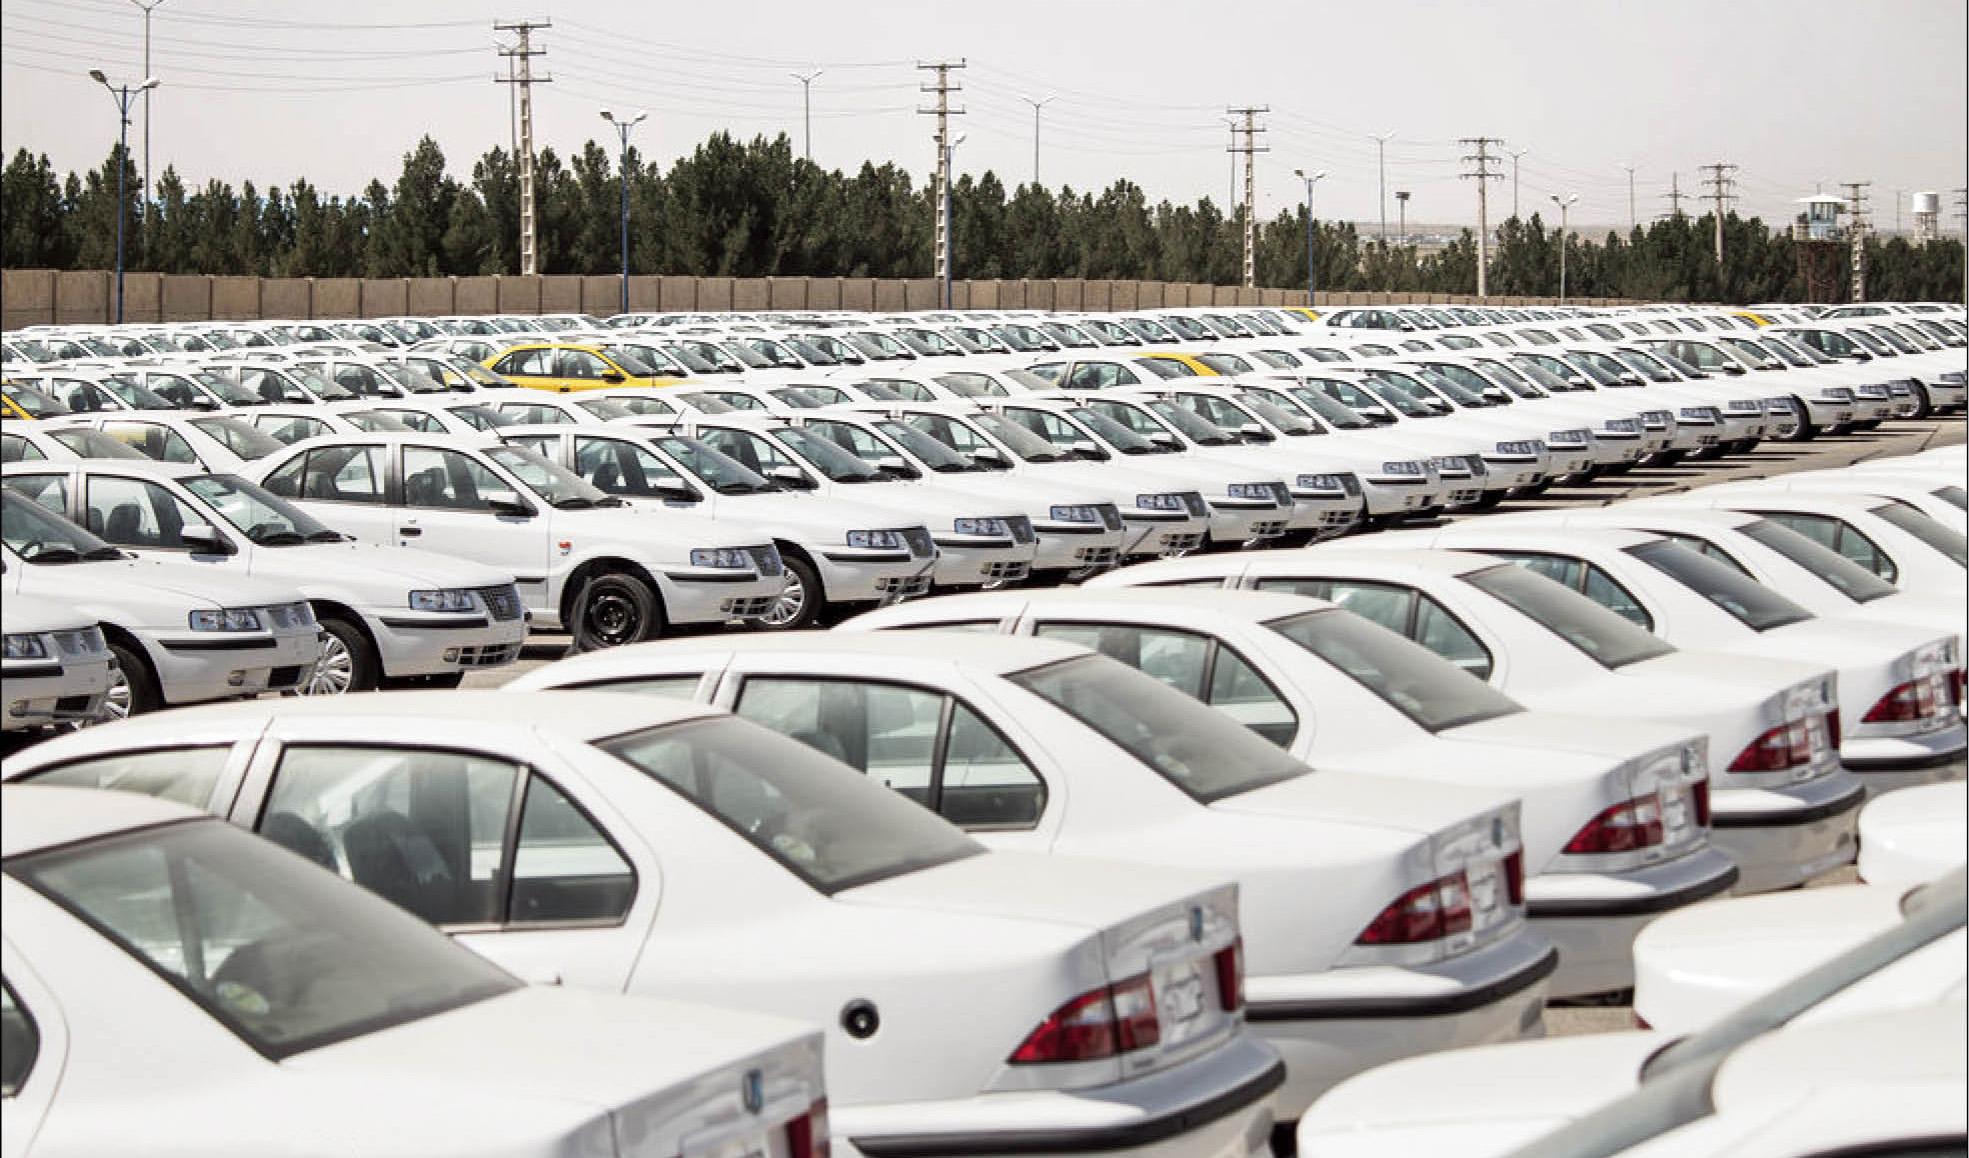 تغییری در شرایط بازار خودرو تا زمان افزایش عرضه رخ نمیدهد